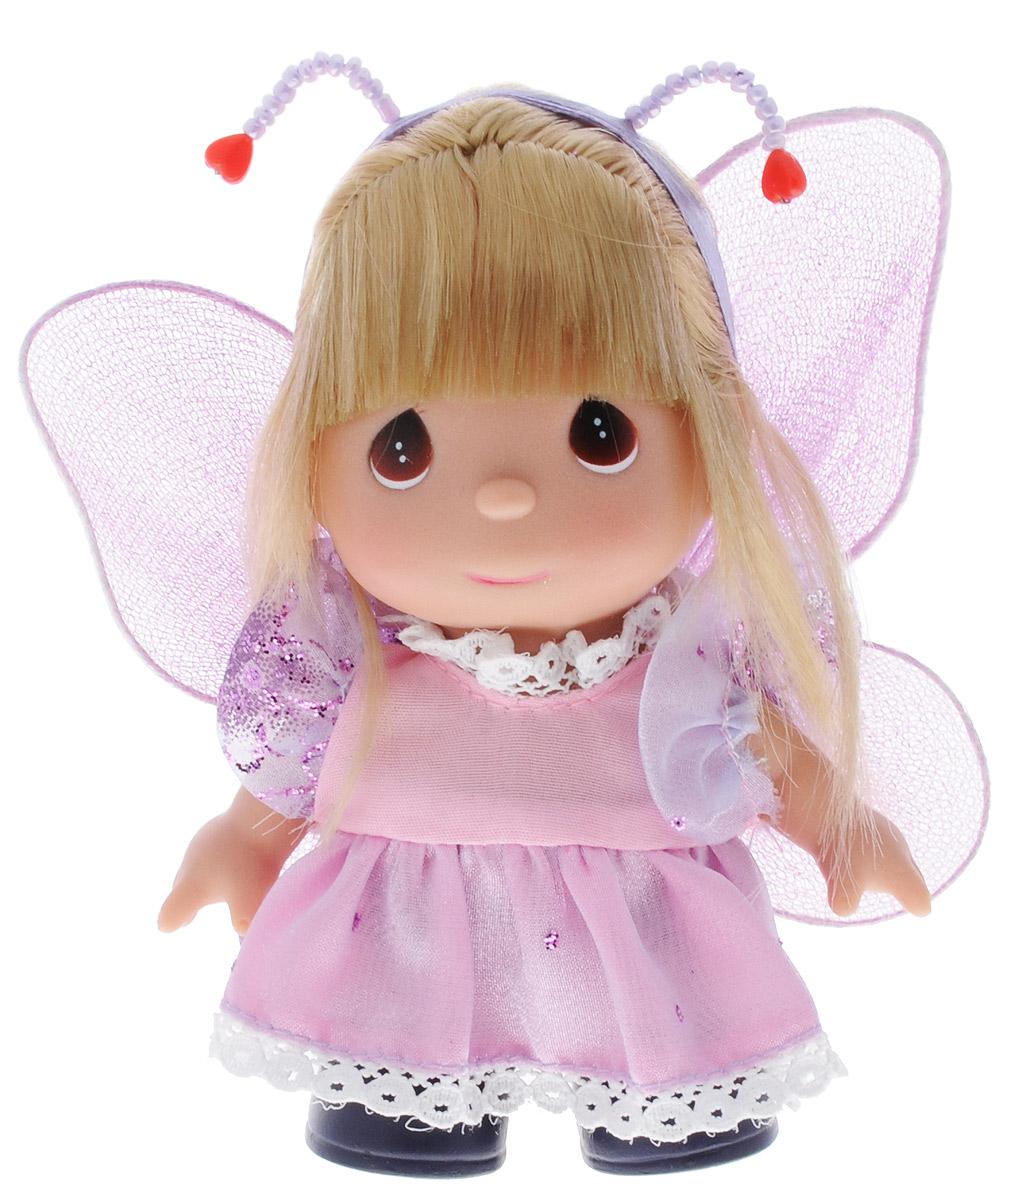 Precious Moments Мини-кукла Бабочка цвет наряда розовый сиреневый5380Какие же милые эти куколки Precious Moments. Создатель этих очаровательных крошек настоящая волшебница - Линда Рик - оживила свои творения, каждая кукла обрела свой милый и неповторимый образ. Эти крошки могут сопровождать вас в чудесных странствиях и сделать каждый момент вашей жизни незабываемым! Мини-кукла Бабочка одета в платье розового и сиреневого цветов, украшенное блестками. На спине у куклы сиреневые крылышки, которые с легкостью можно отстегнуть. Светлые волосы куклы убраны в косичку. Прическа дополнена ободком с усиками. У девочки большие карие глаза. Благодаря играм с куклой, ваша малышка сможет развить фантазию и любознательность, овладеть навыками общения и научиться ответственности. Порадуйте свою принцессу таким прекрасным подарком!